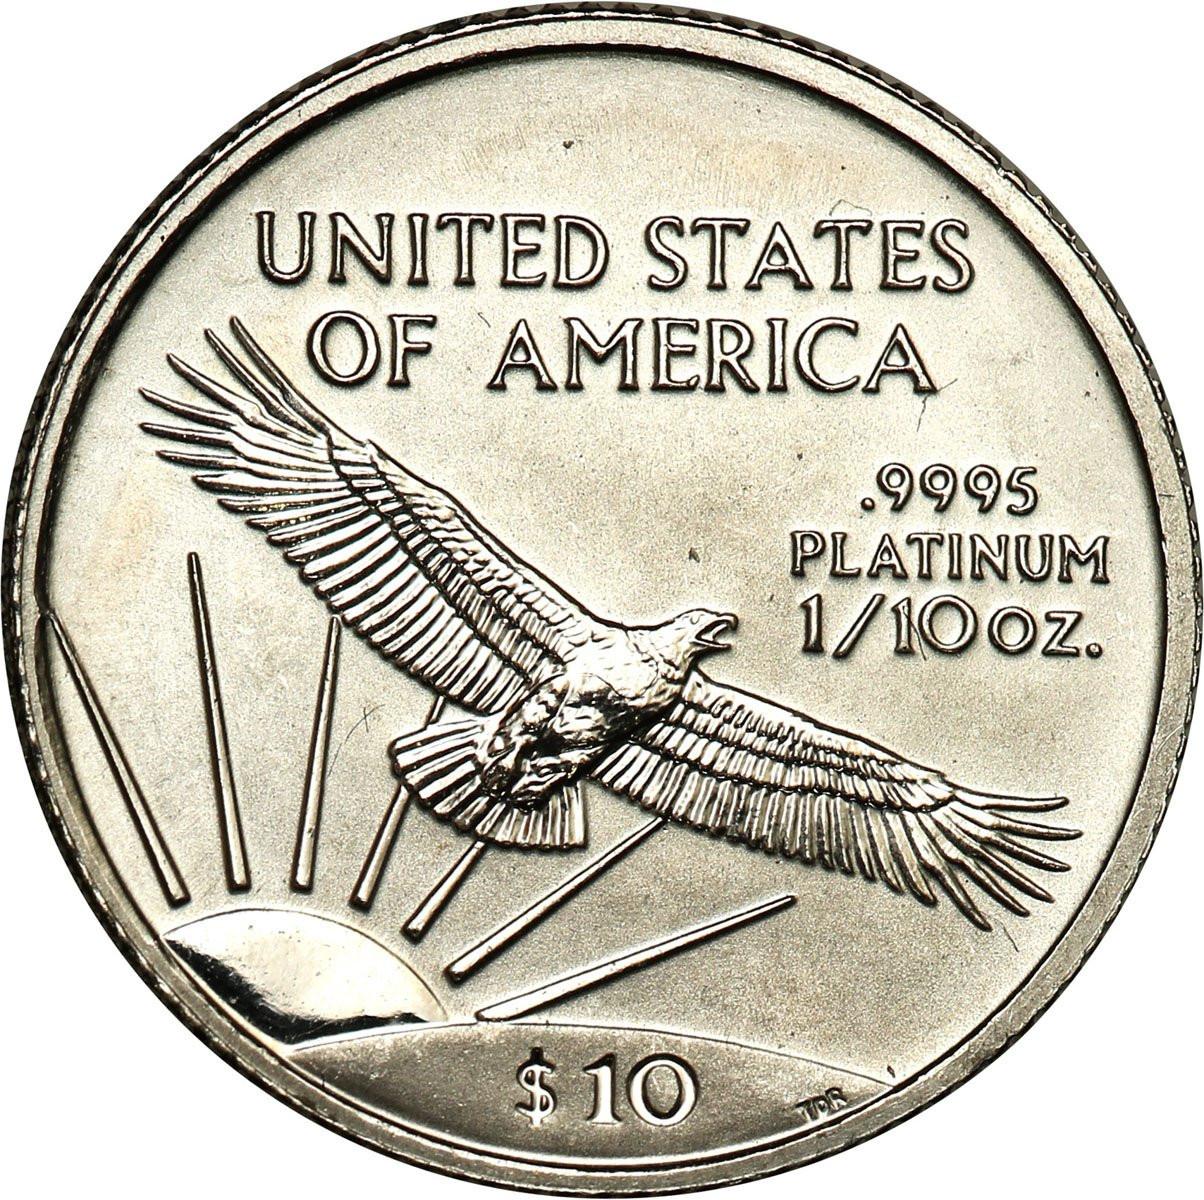 USA 10 dolarów 1999 Platyna (1/10 uncji Pt) st. 1